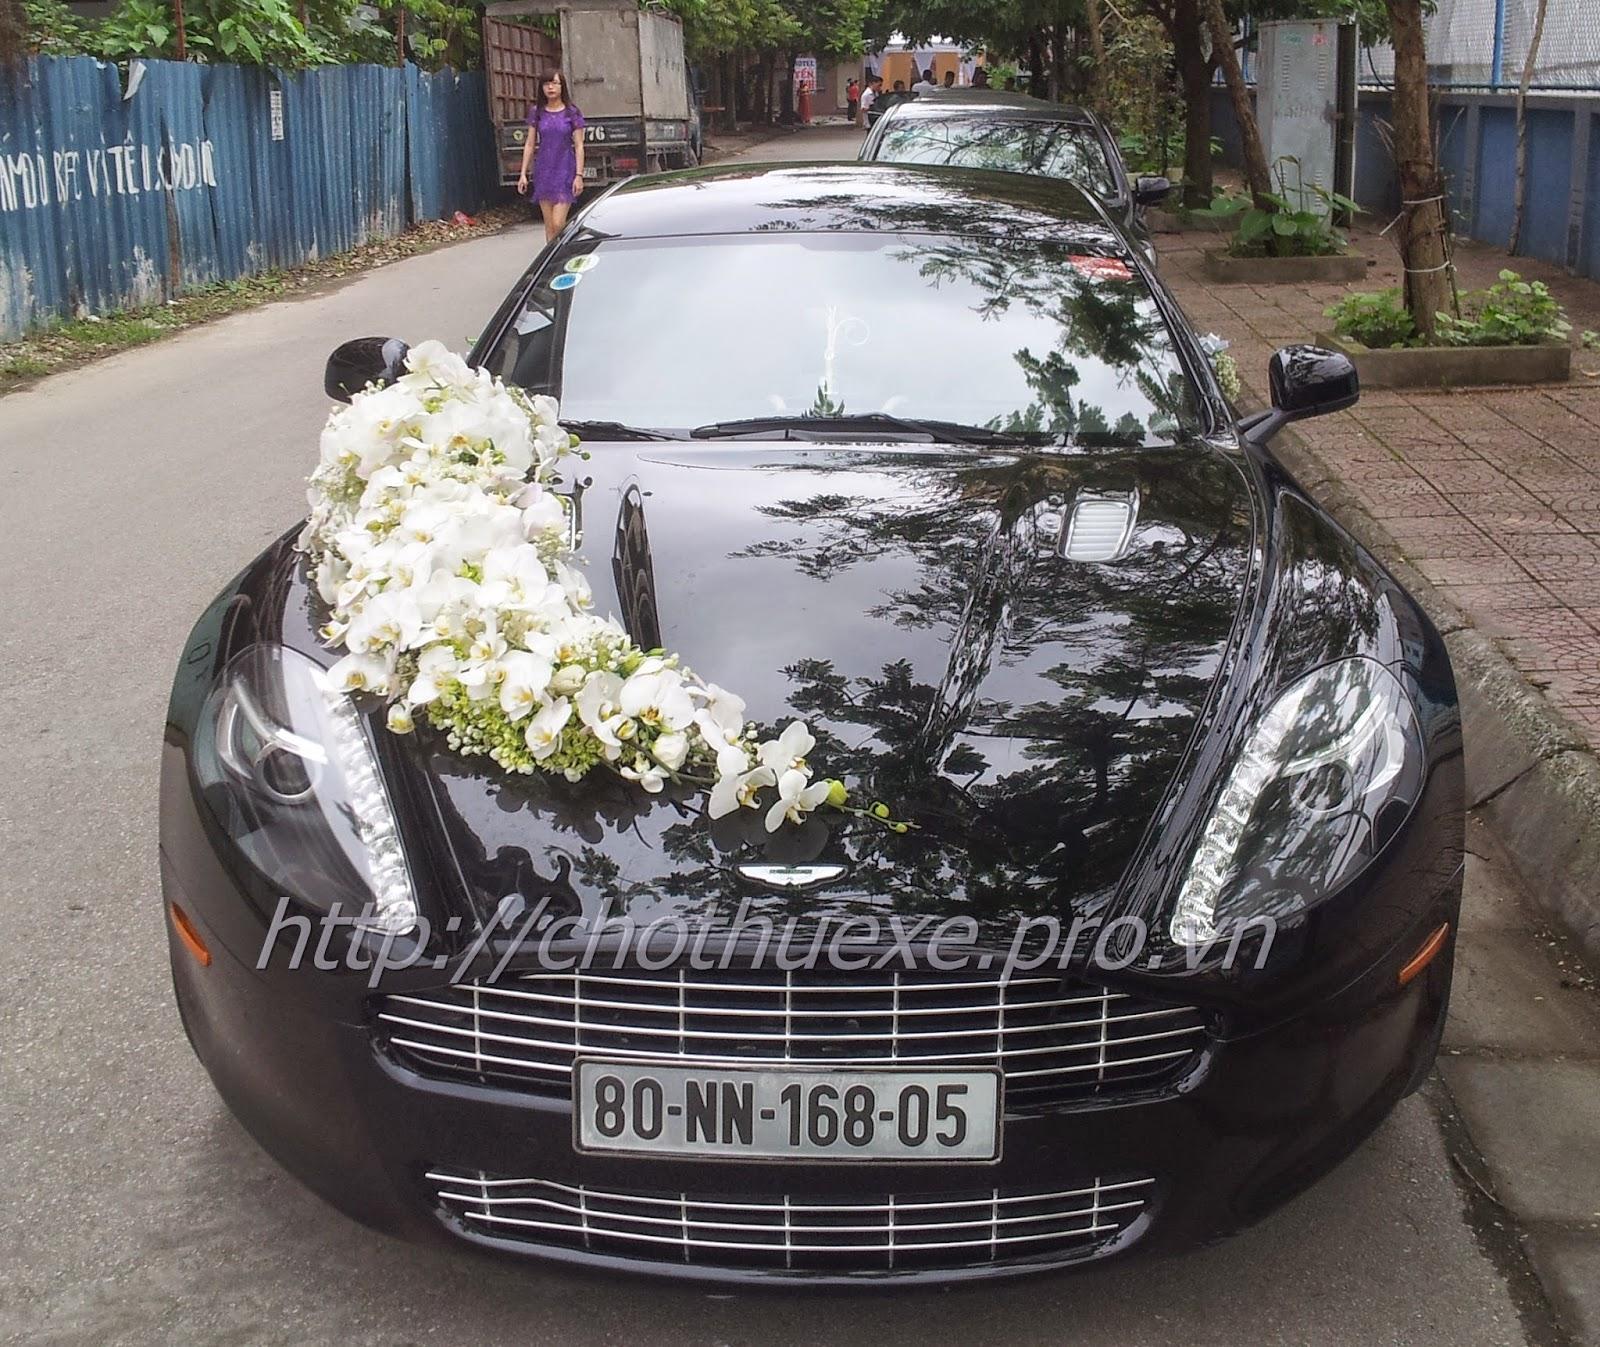 Cho thuê xe siêu cưới Aston Martin Rapide khám phá xe cưới siêu đẳng này nào các bạn